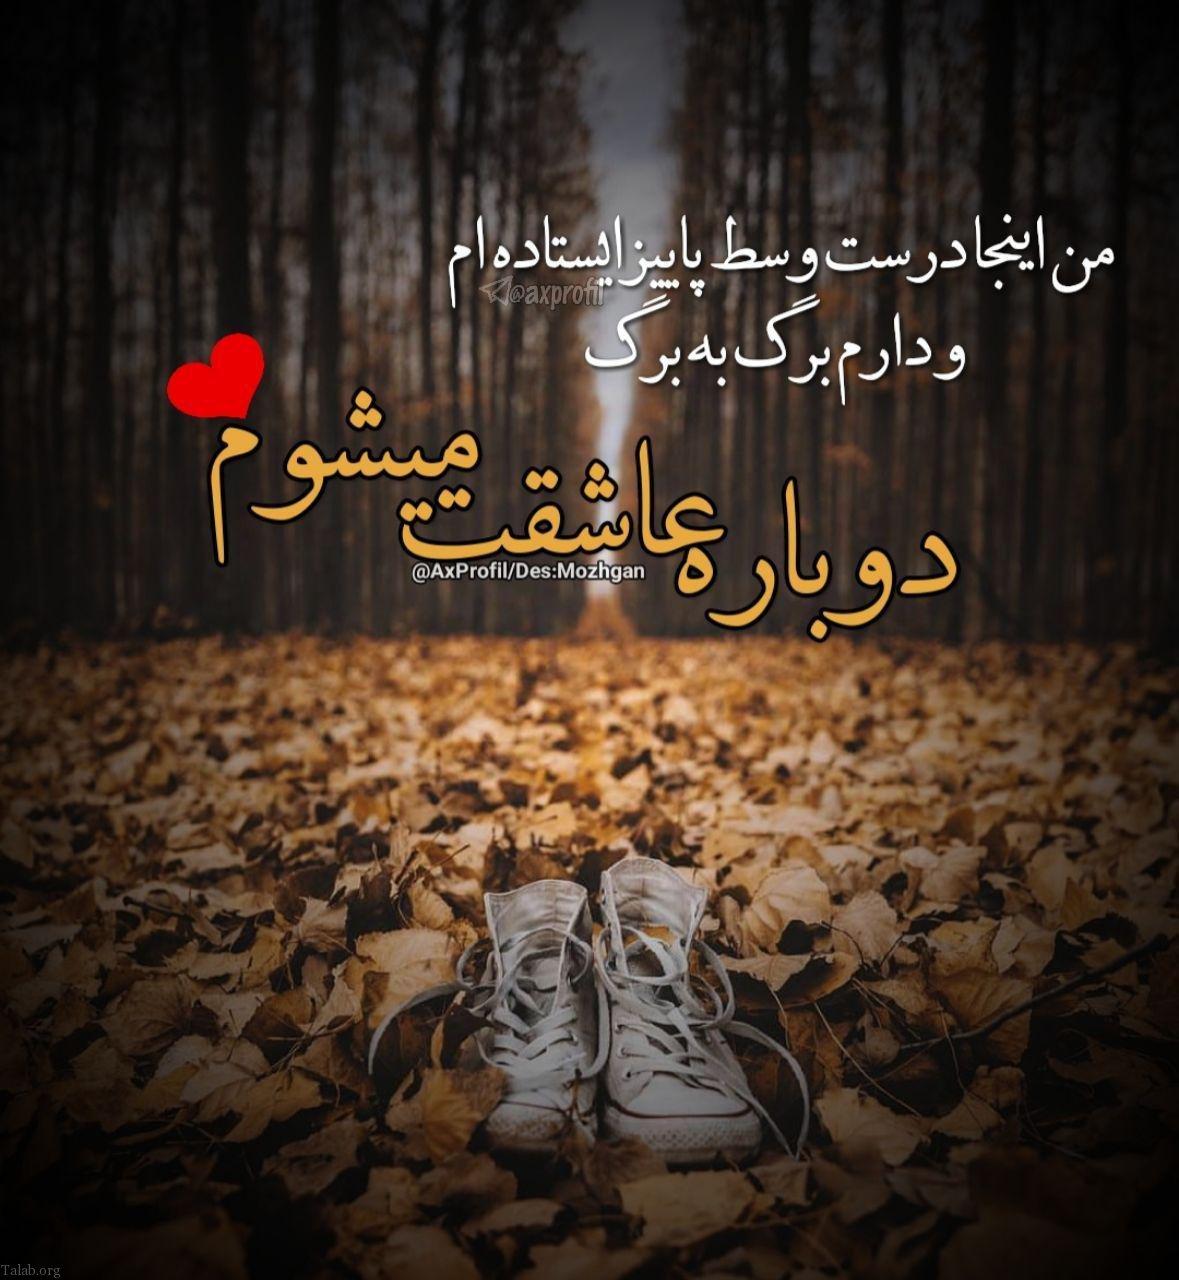 عکس دست و سرم نوشته و عکس پروفایل عاشقانه پاییز | متن و عکس پاییزی برای ...